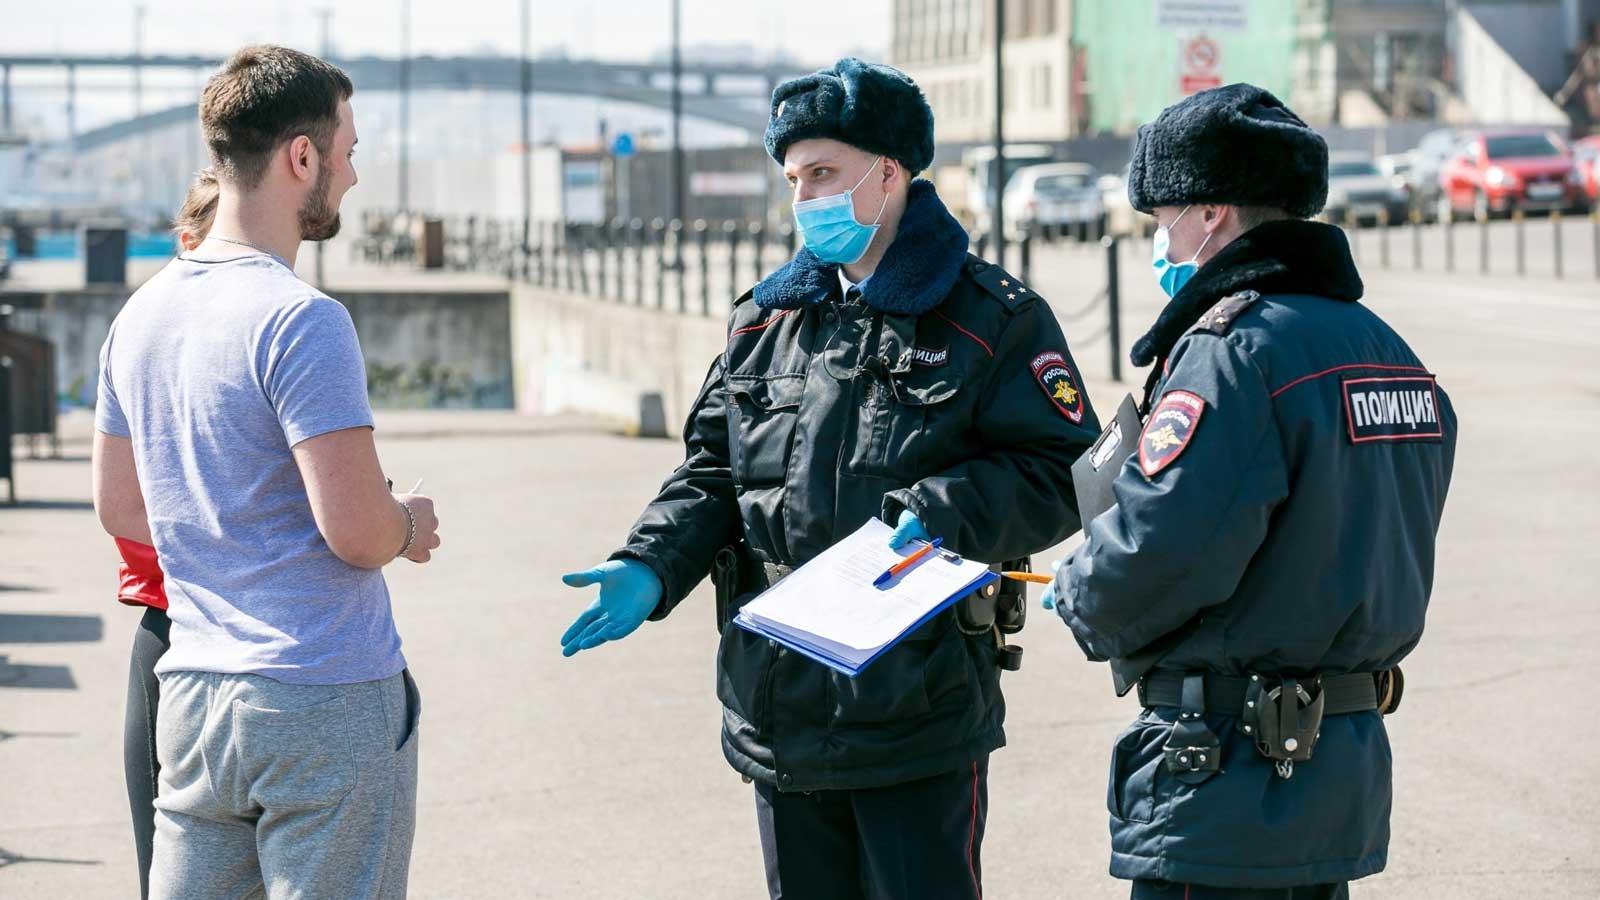 Москвичей начнут штрафовать за нарушение карантинных мер по данным соцсетей